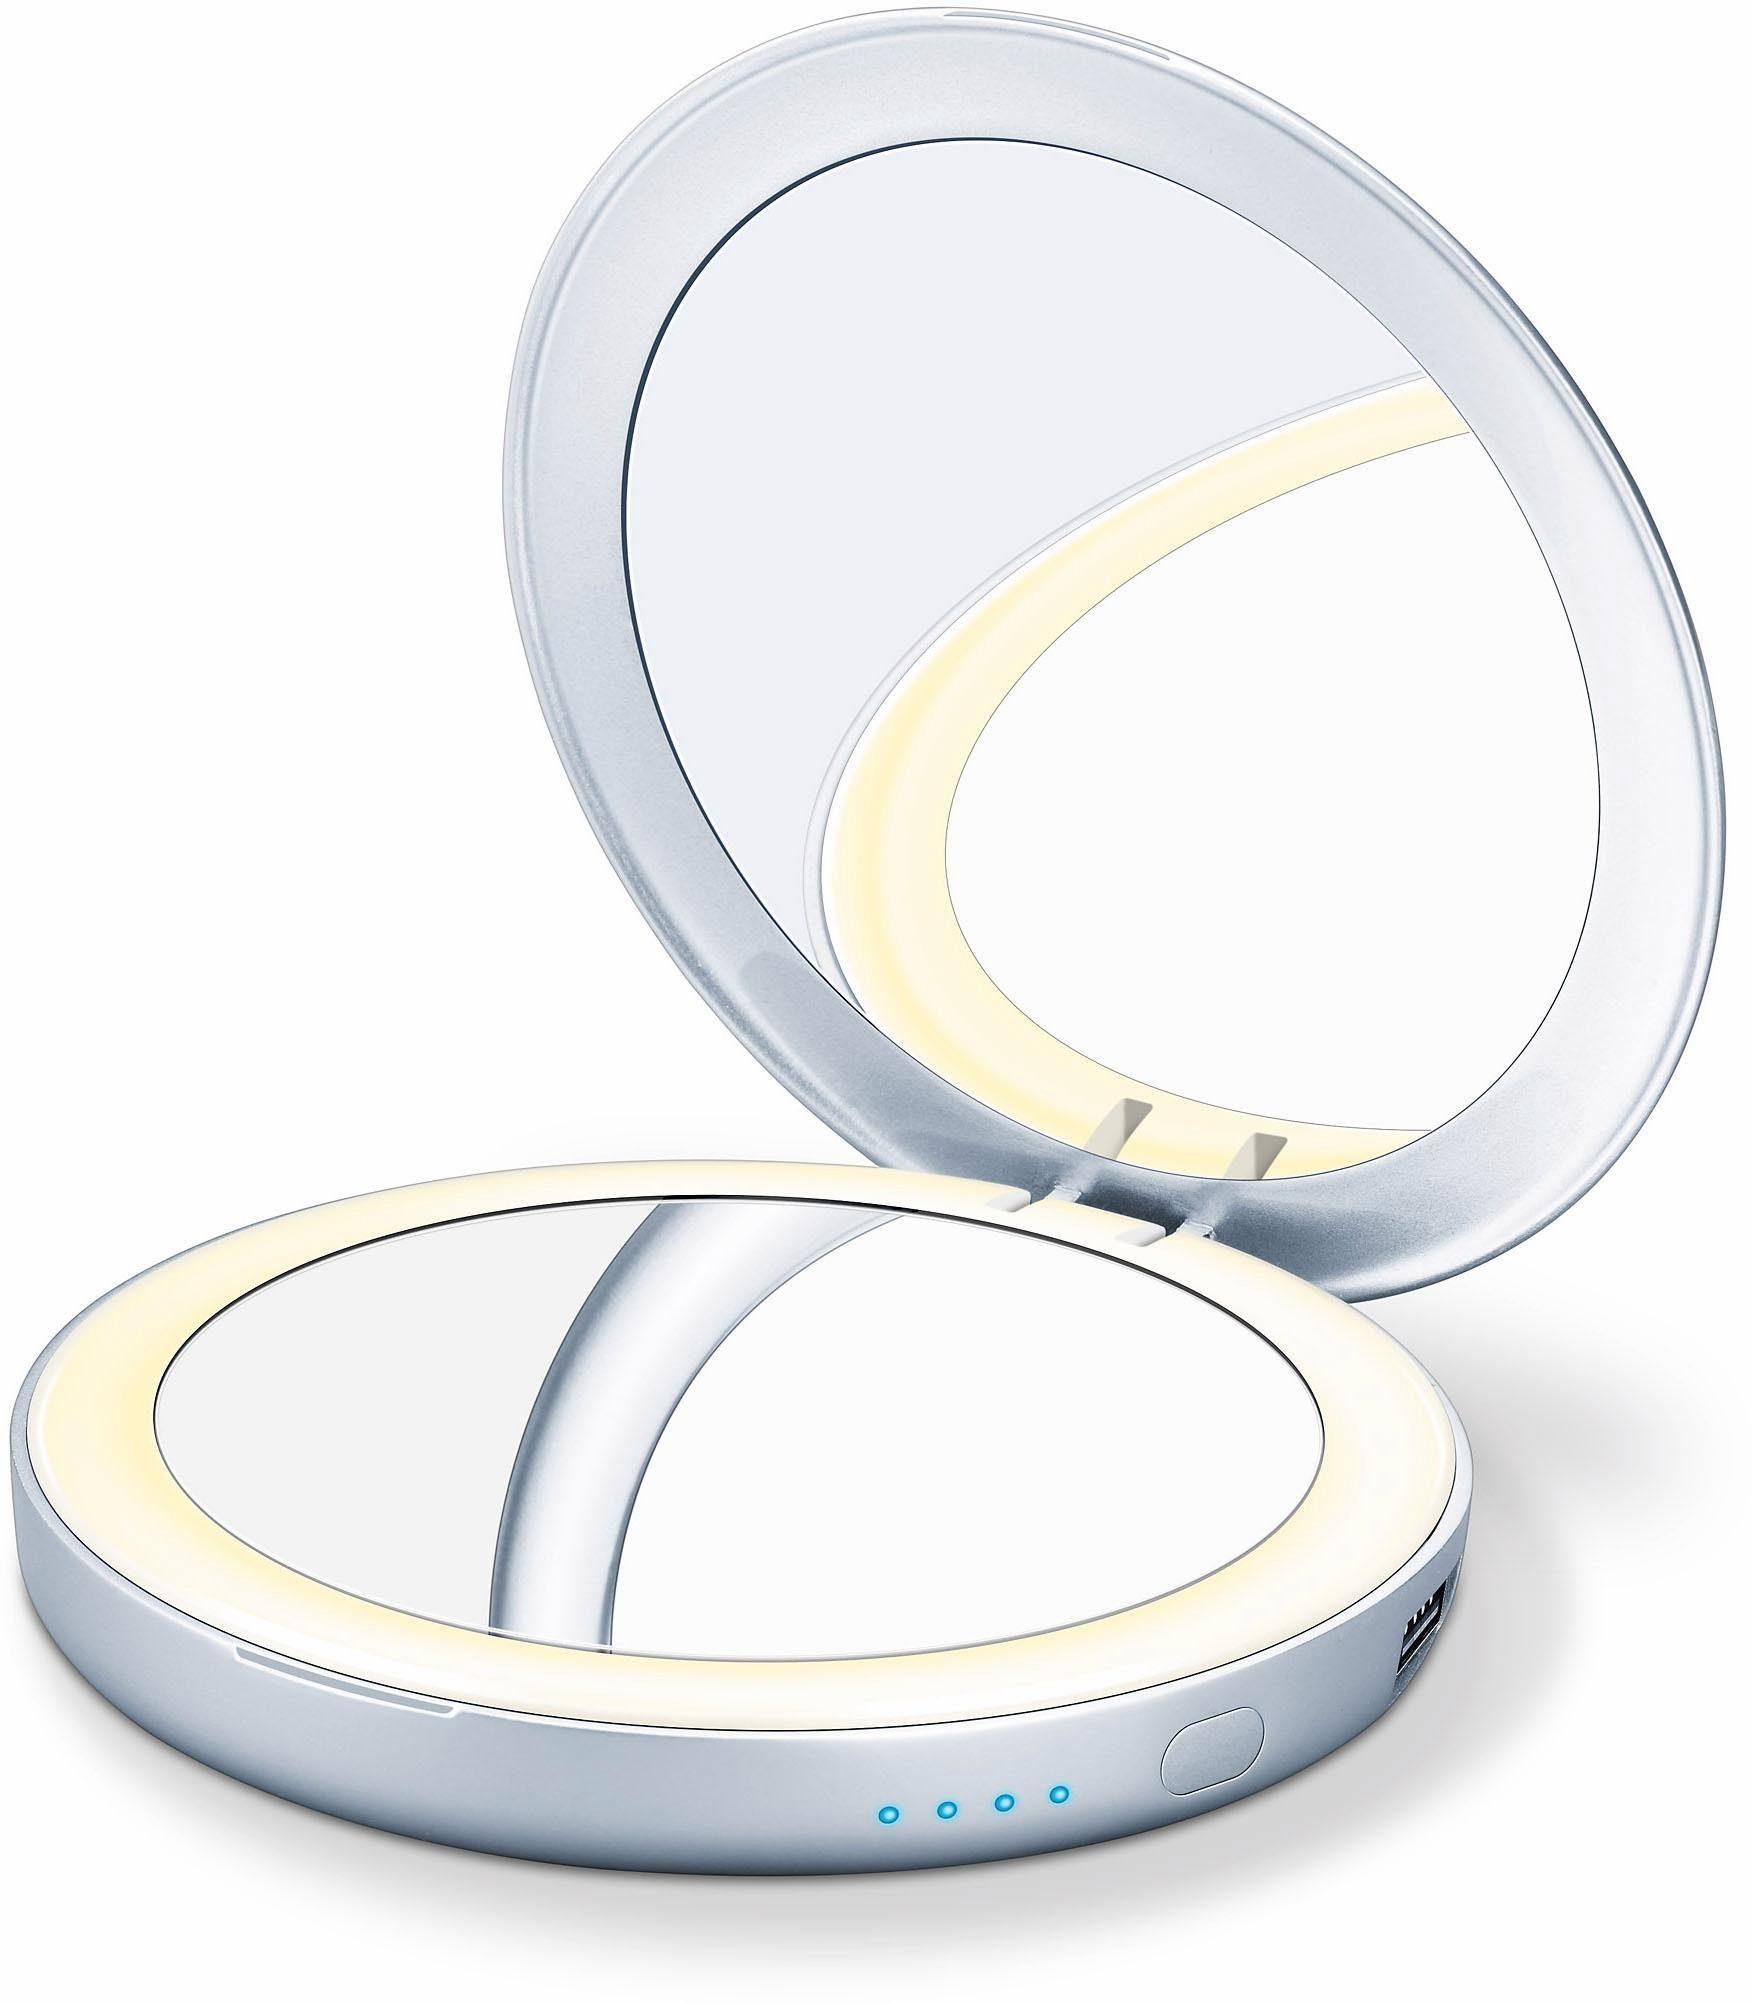 Beurer Beleuchteter Kosmetikspiegel BS 39, Integrierte Powerbank zum mobilen Aufladen von Smartphones, Tablets, E-Book-Readern, etc.